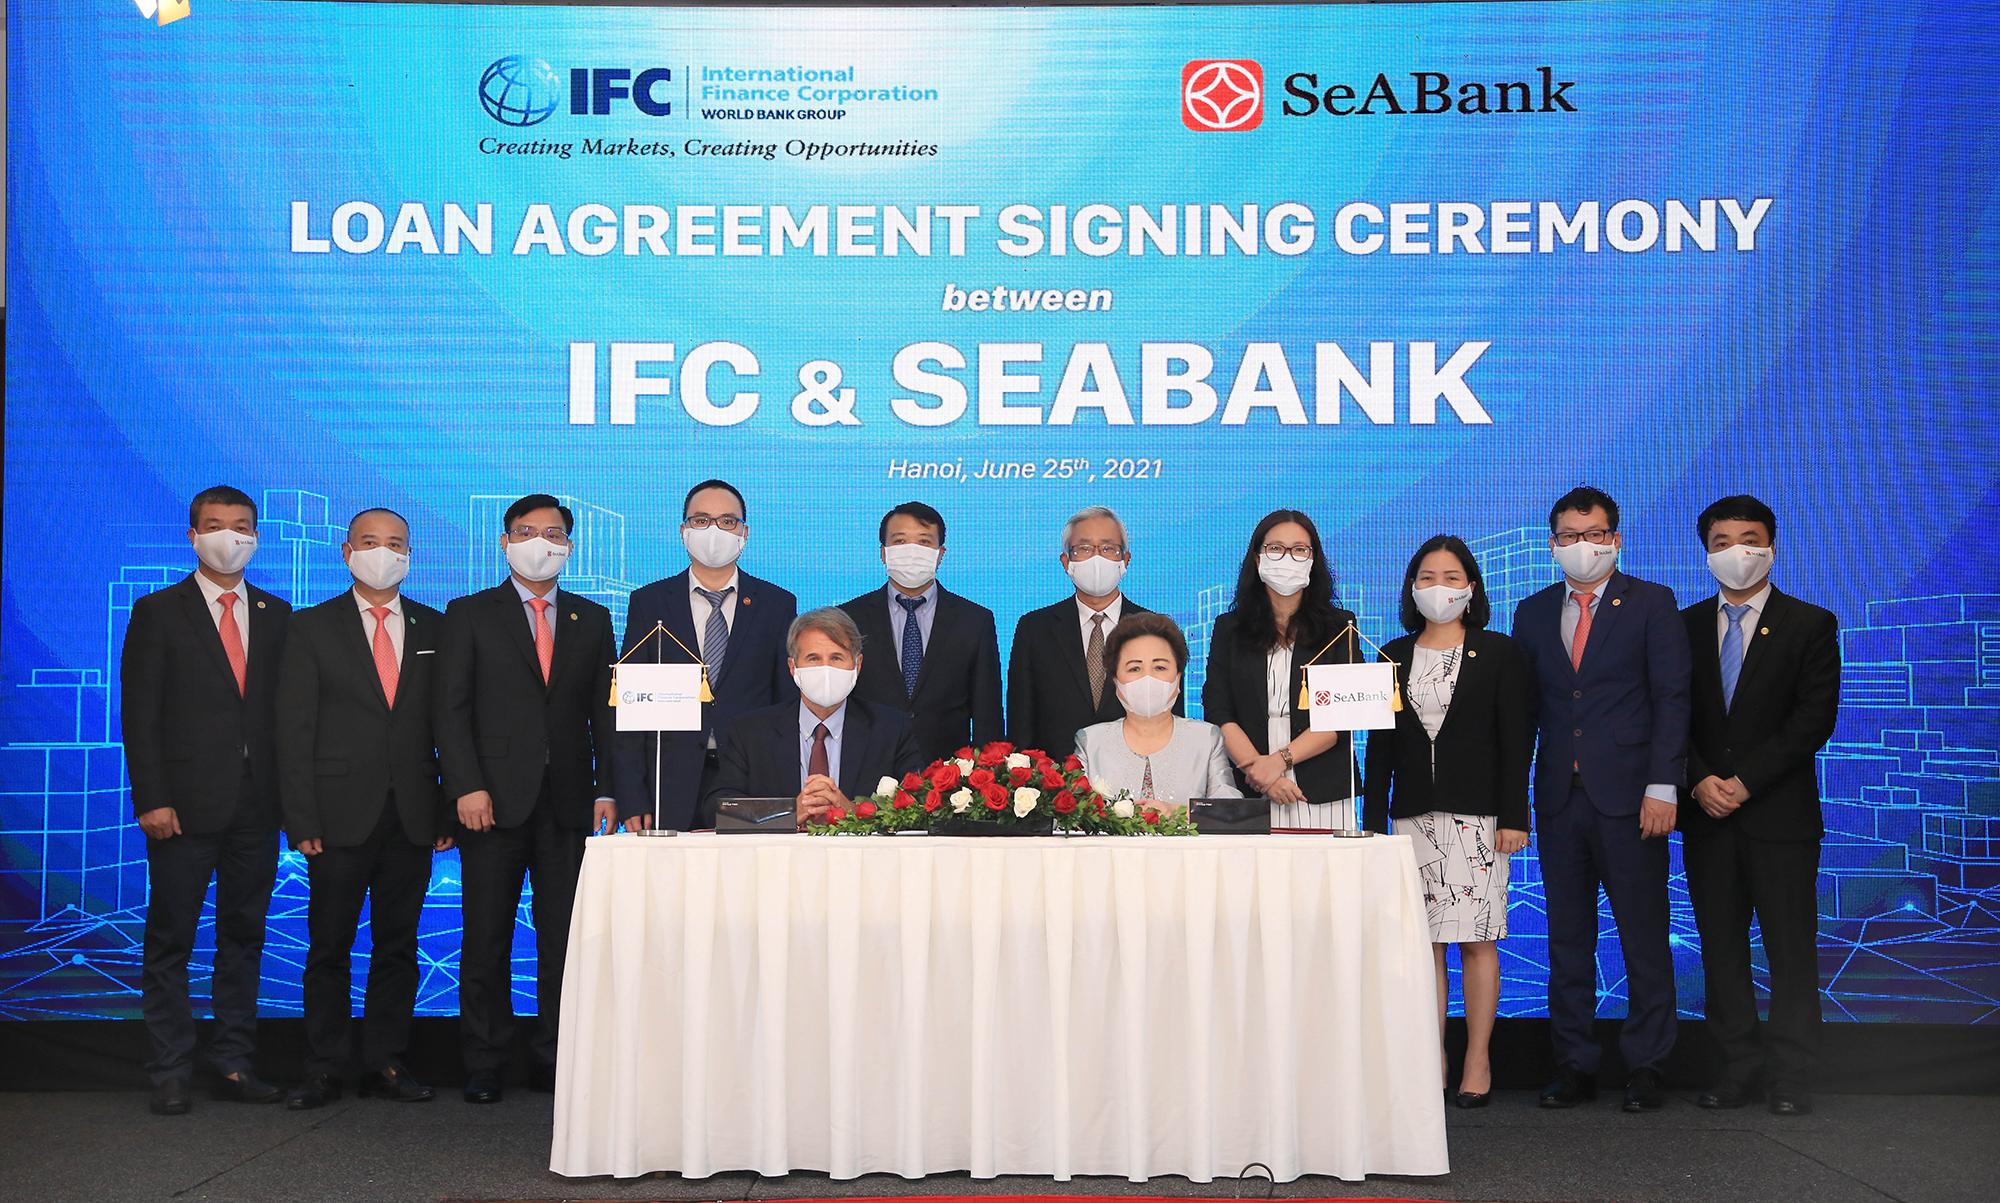 Lễ ký kết hợp tác giữa IFC và SeABank. Ảnh: SeABank